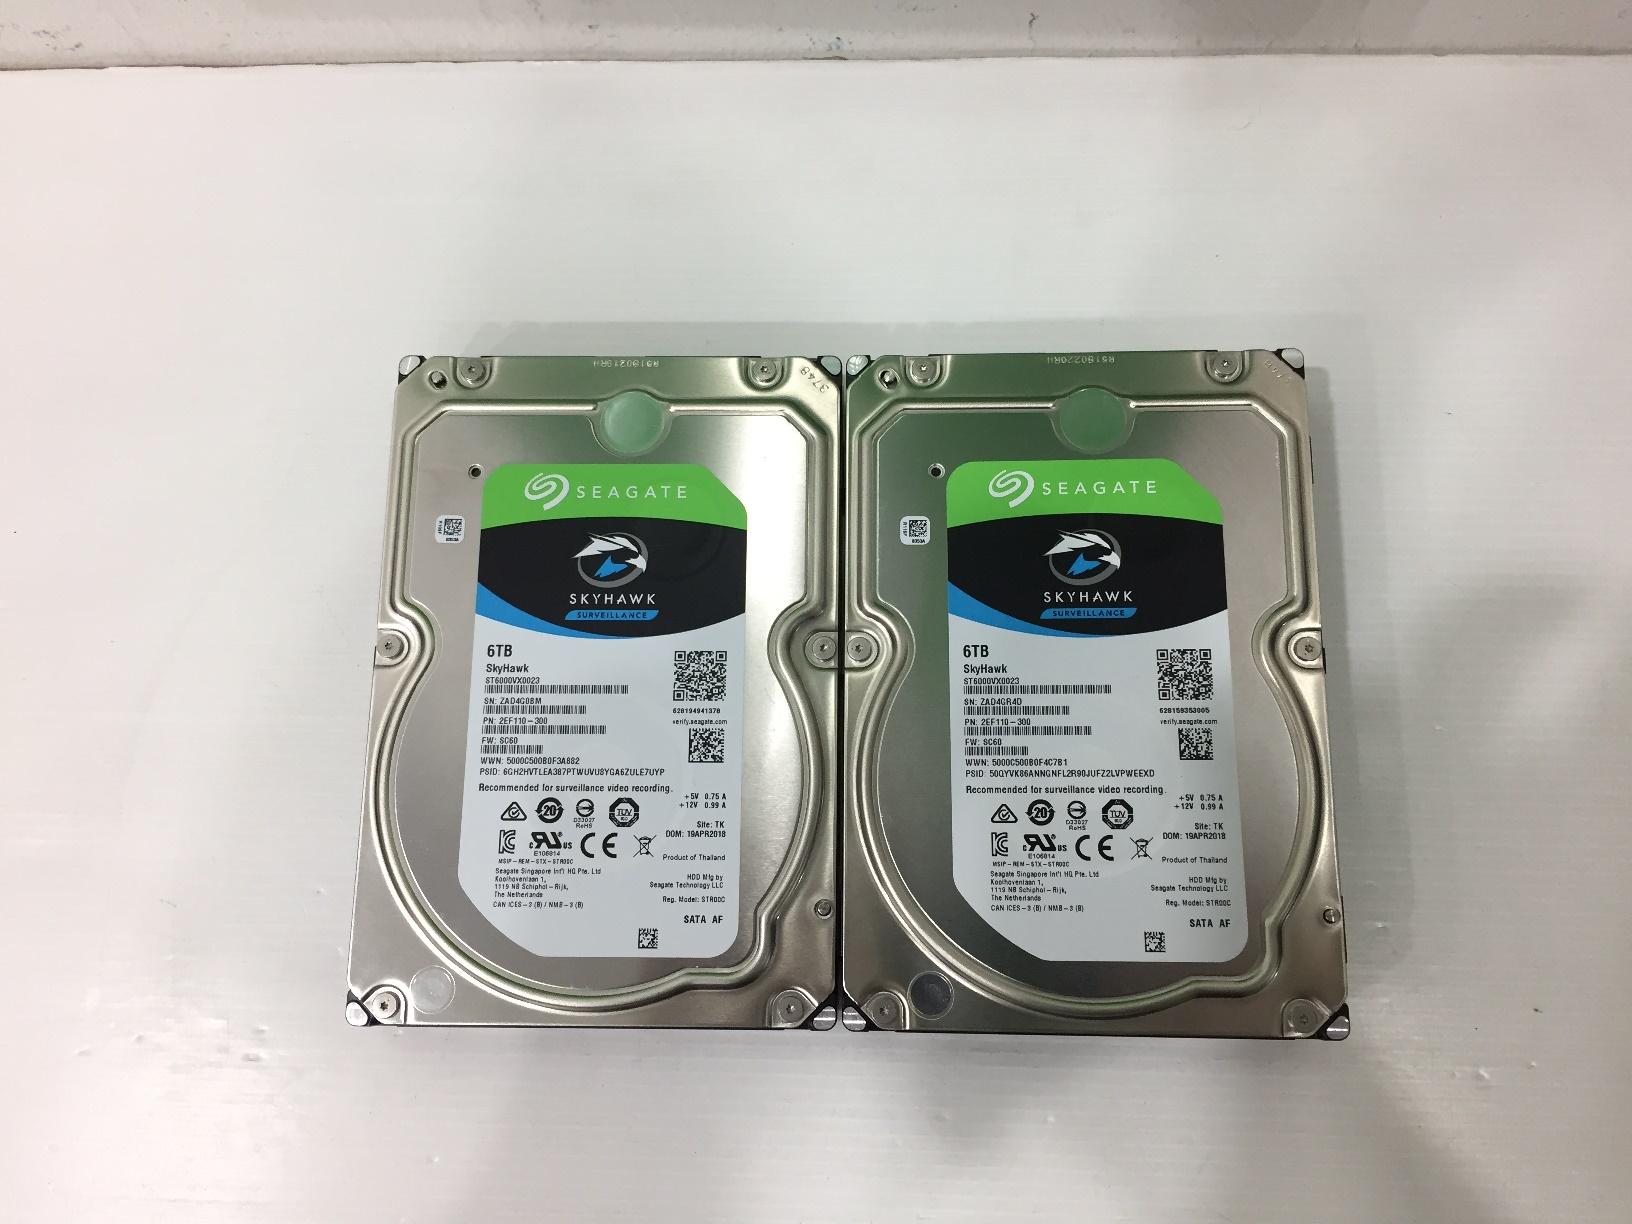 6.0 TB HDD SEAGATE SATA-3 SKYHAWK (ST6000VX0023) 07/2021